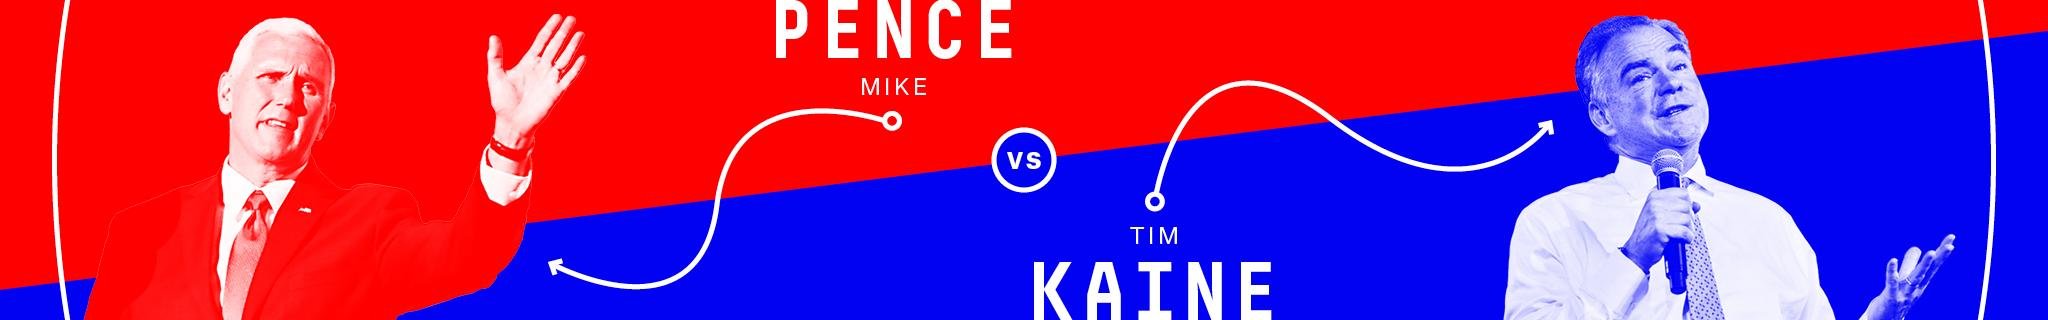 promo_banner_debate_10-04